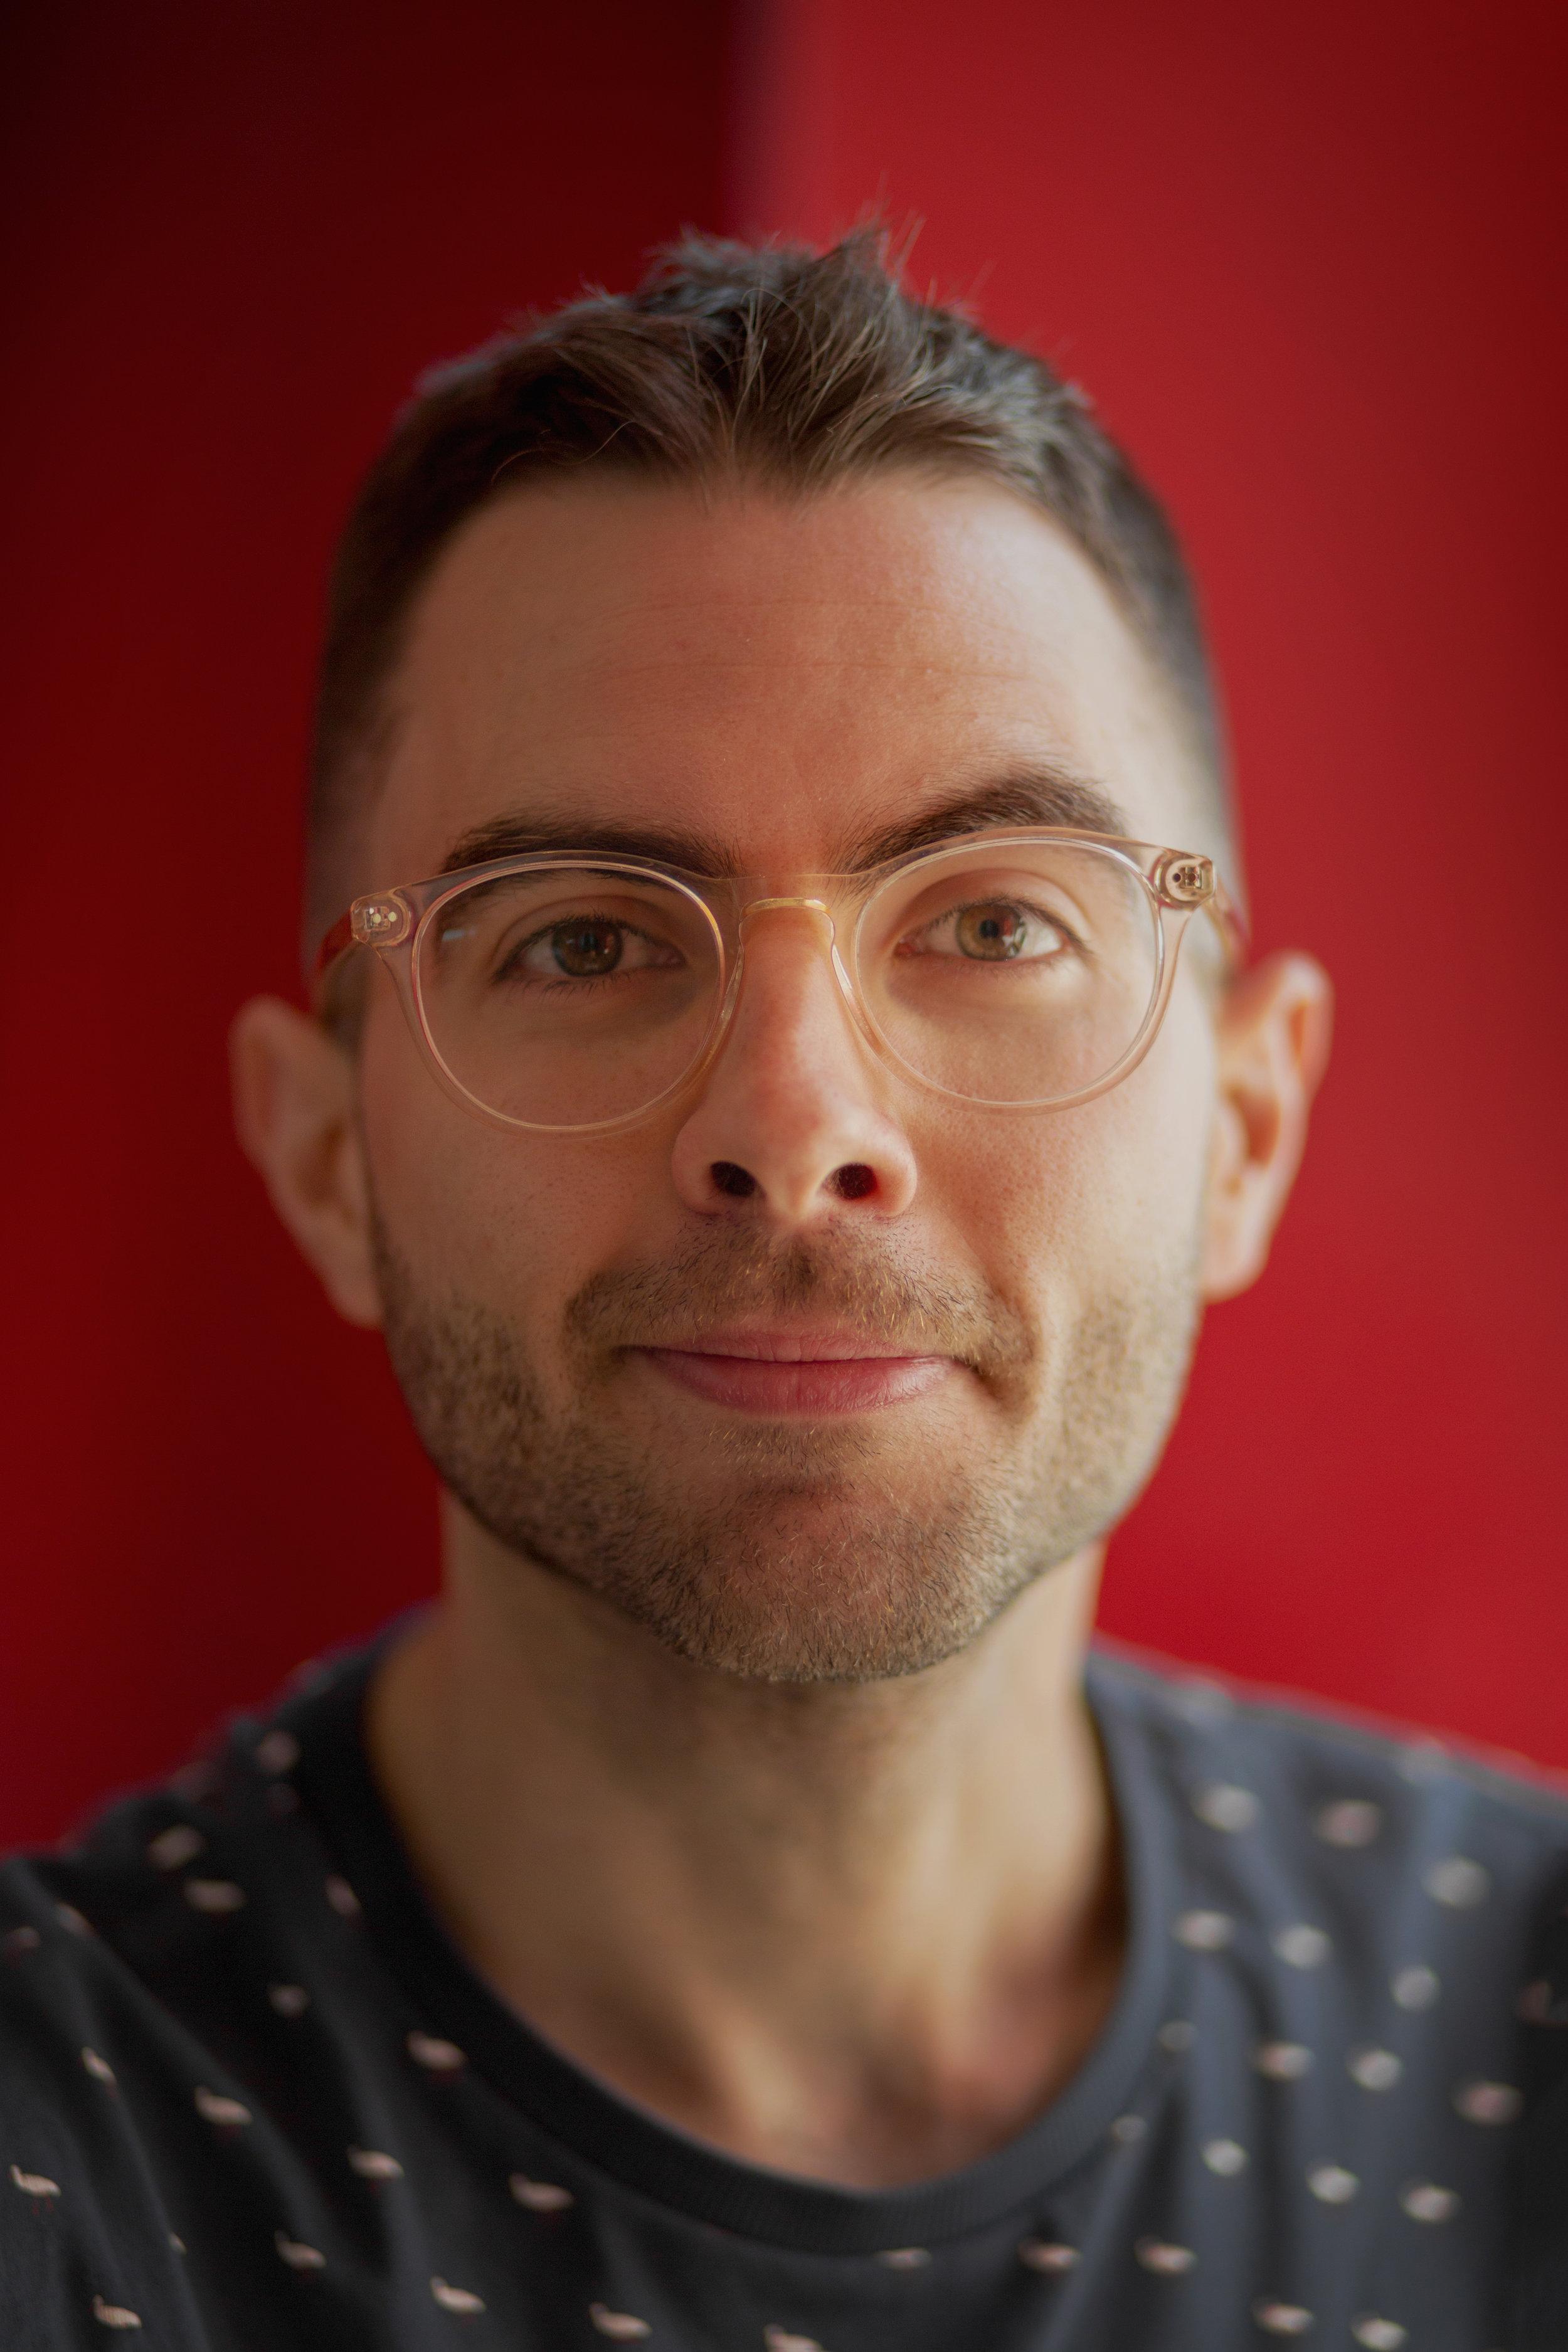 Diego Almazan Portrait